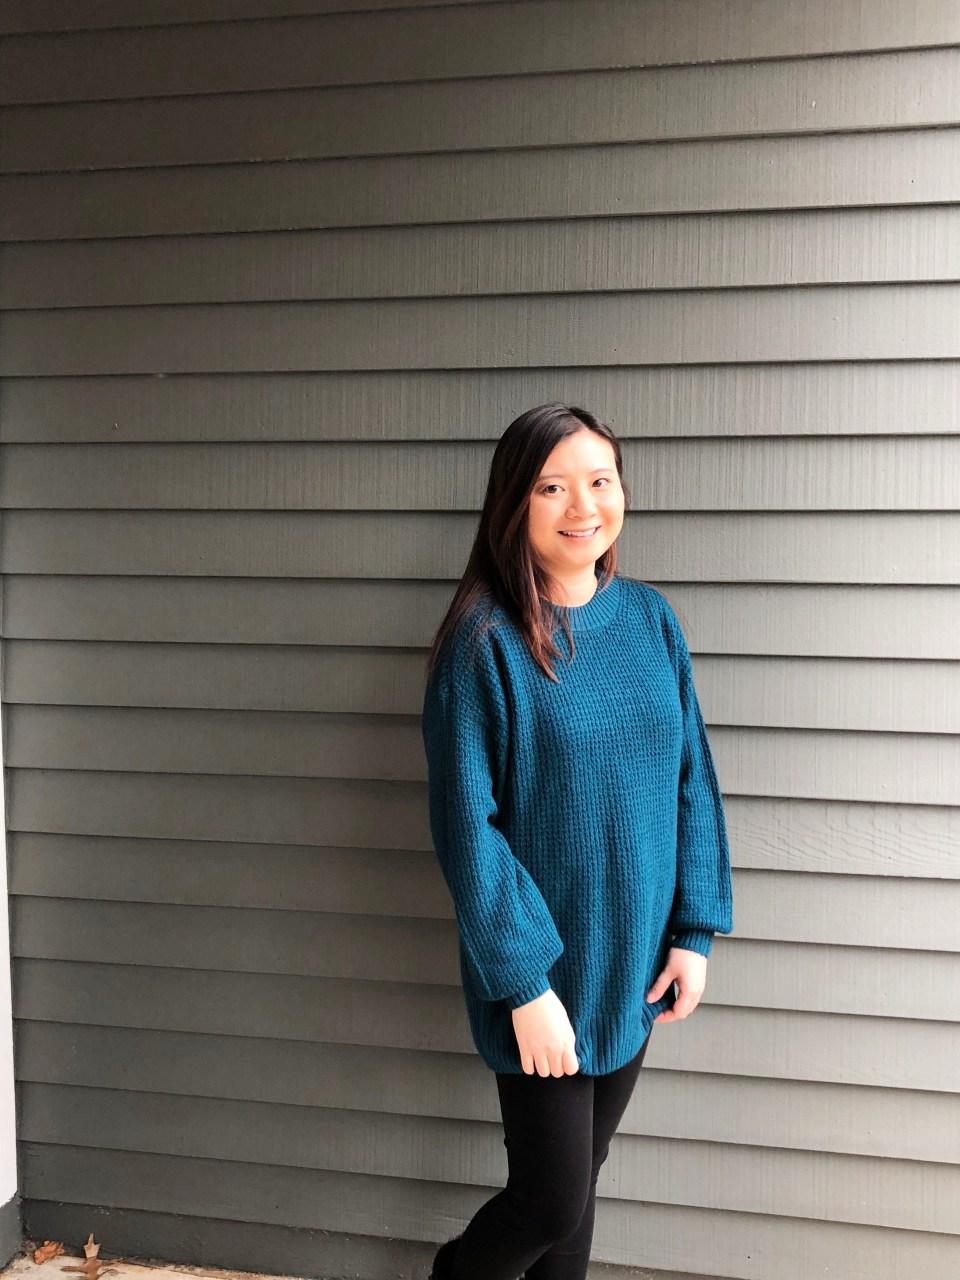 Teal Cloudspun Sweater 4